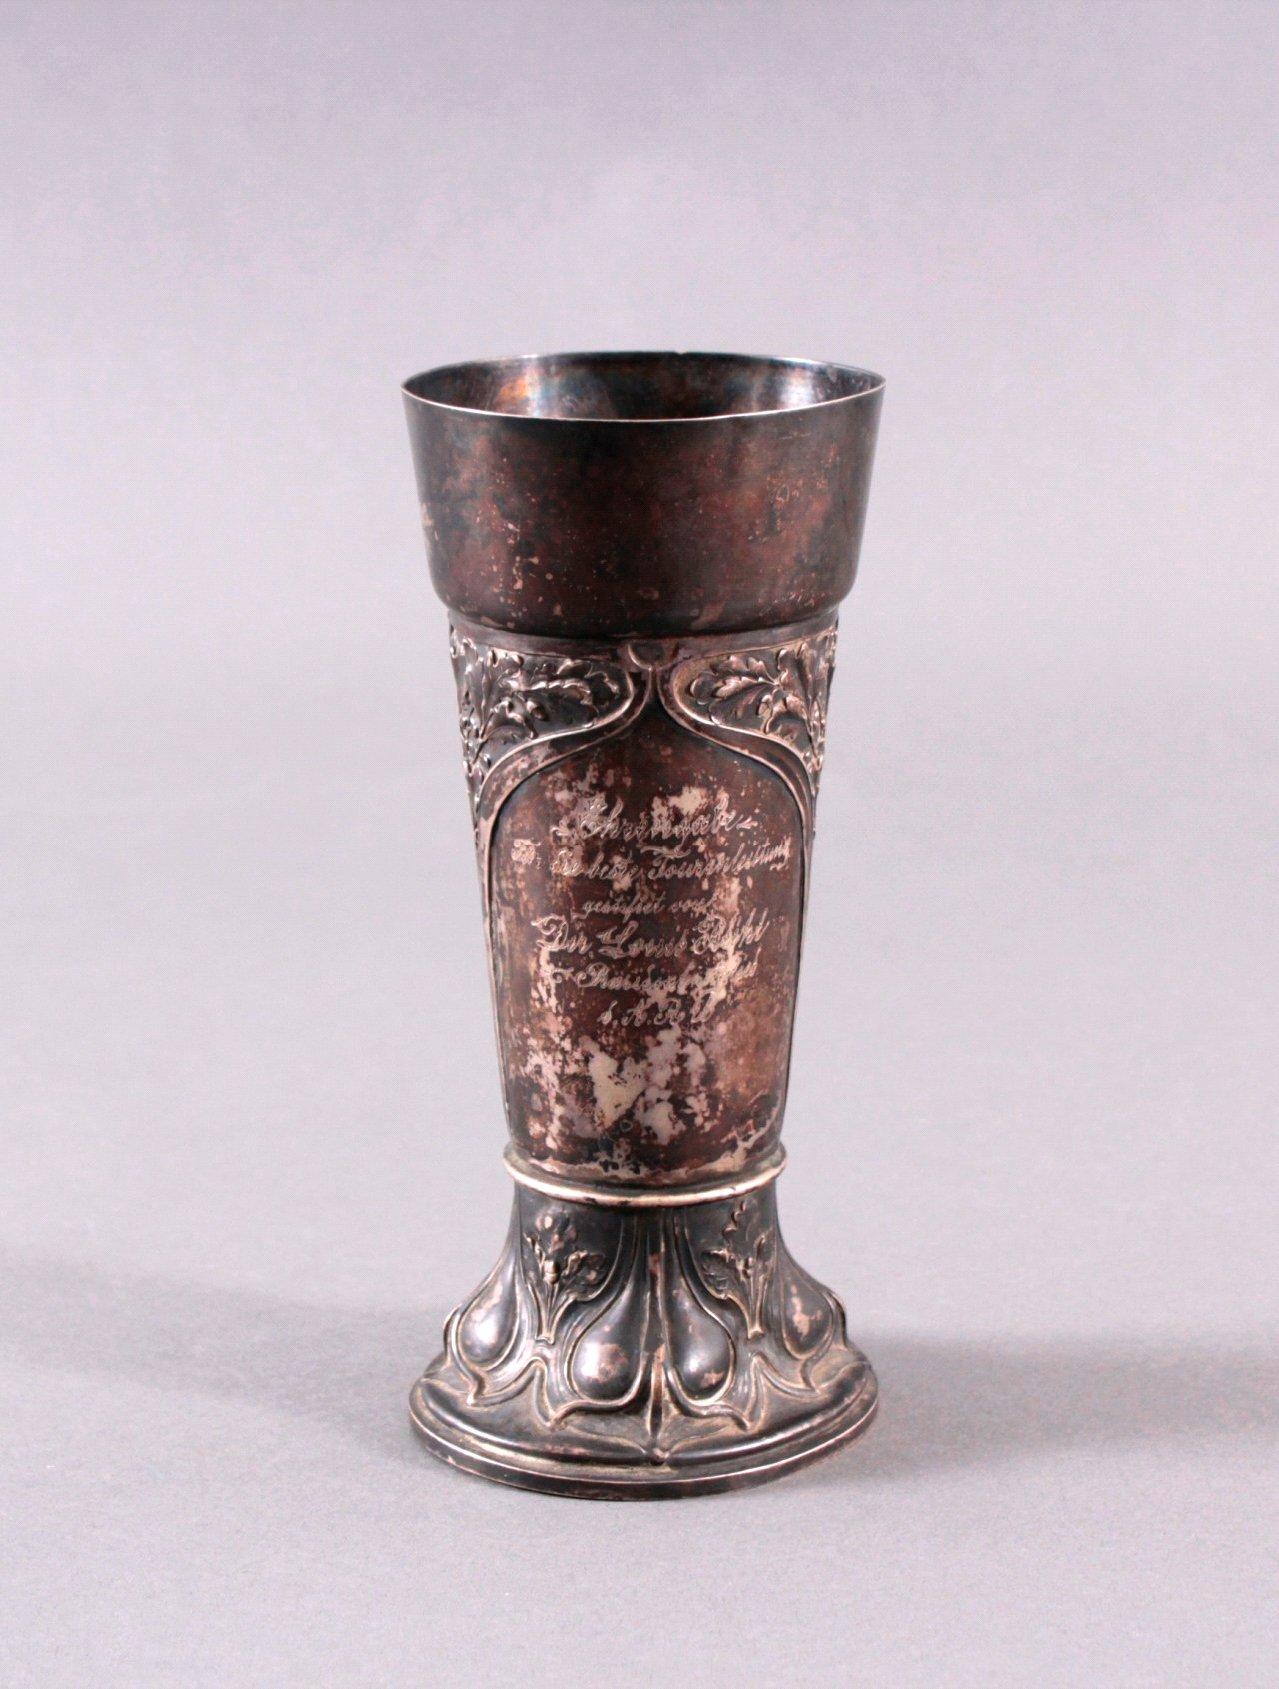 Silberpokal um 1900